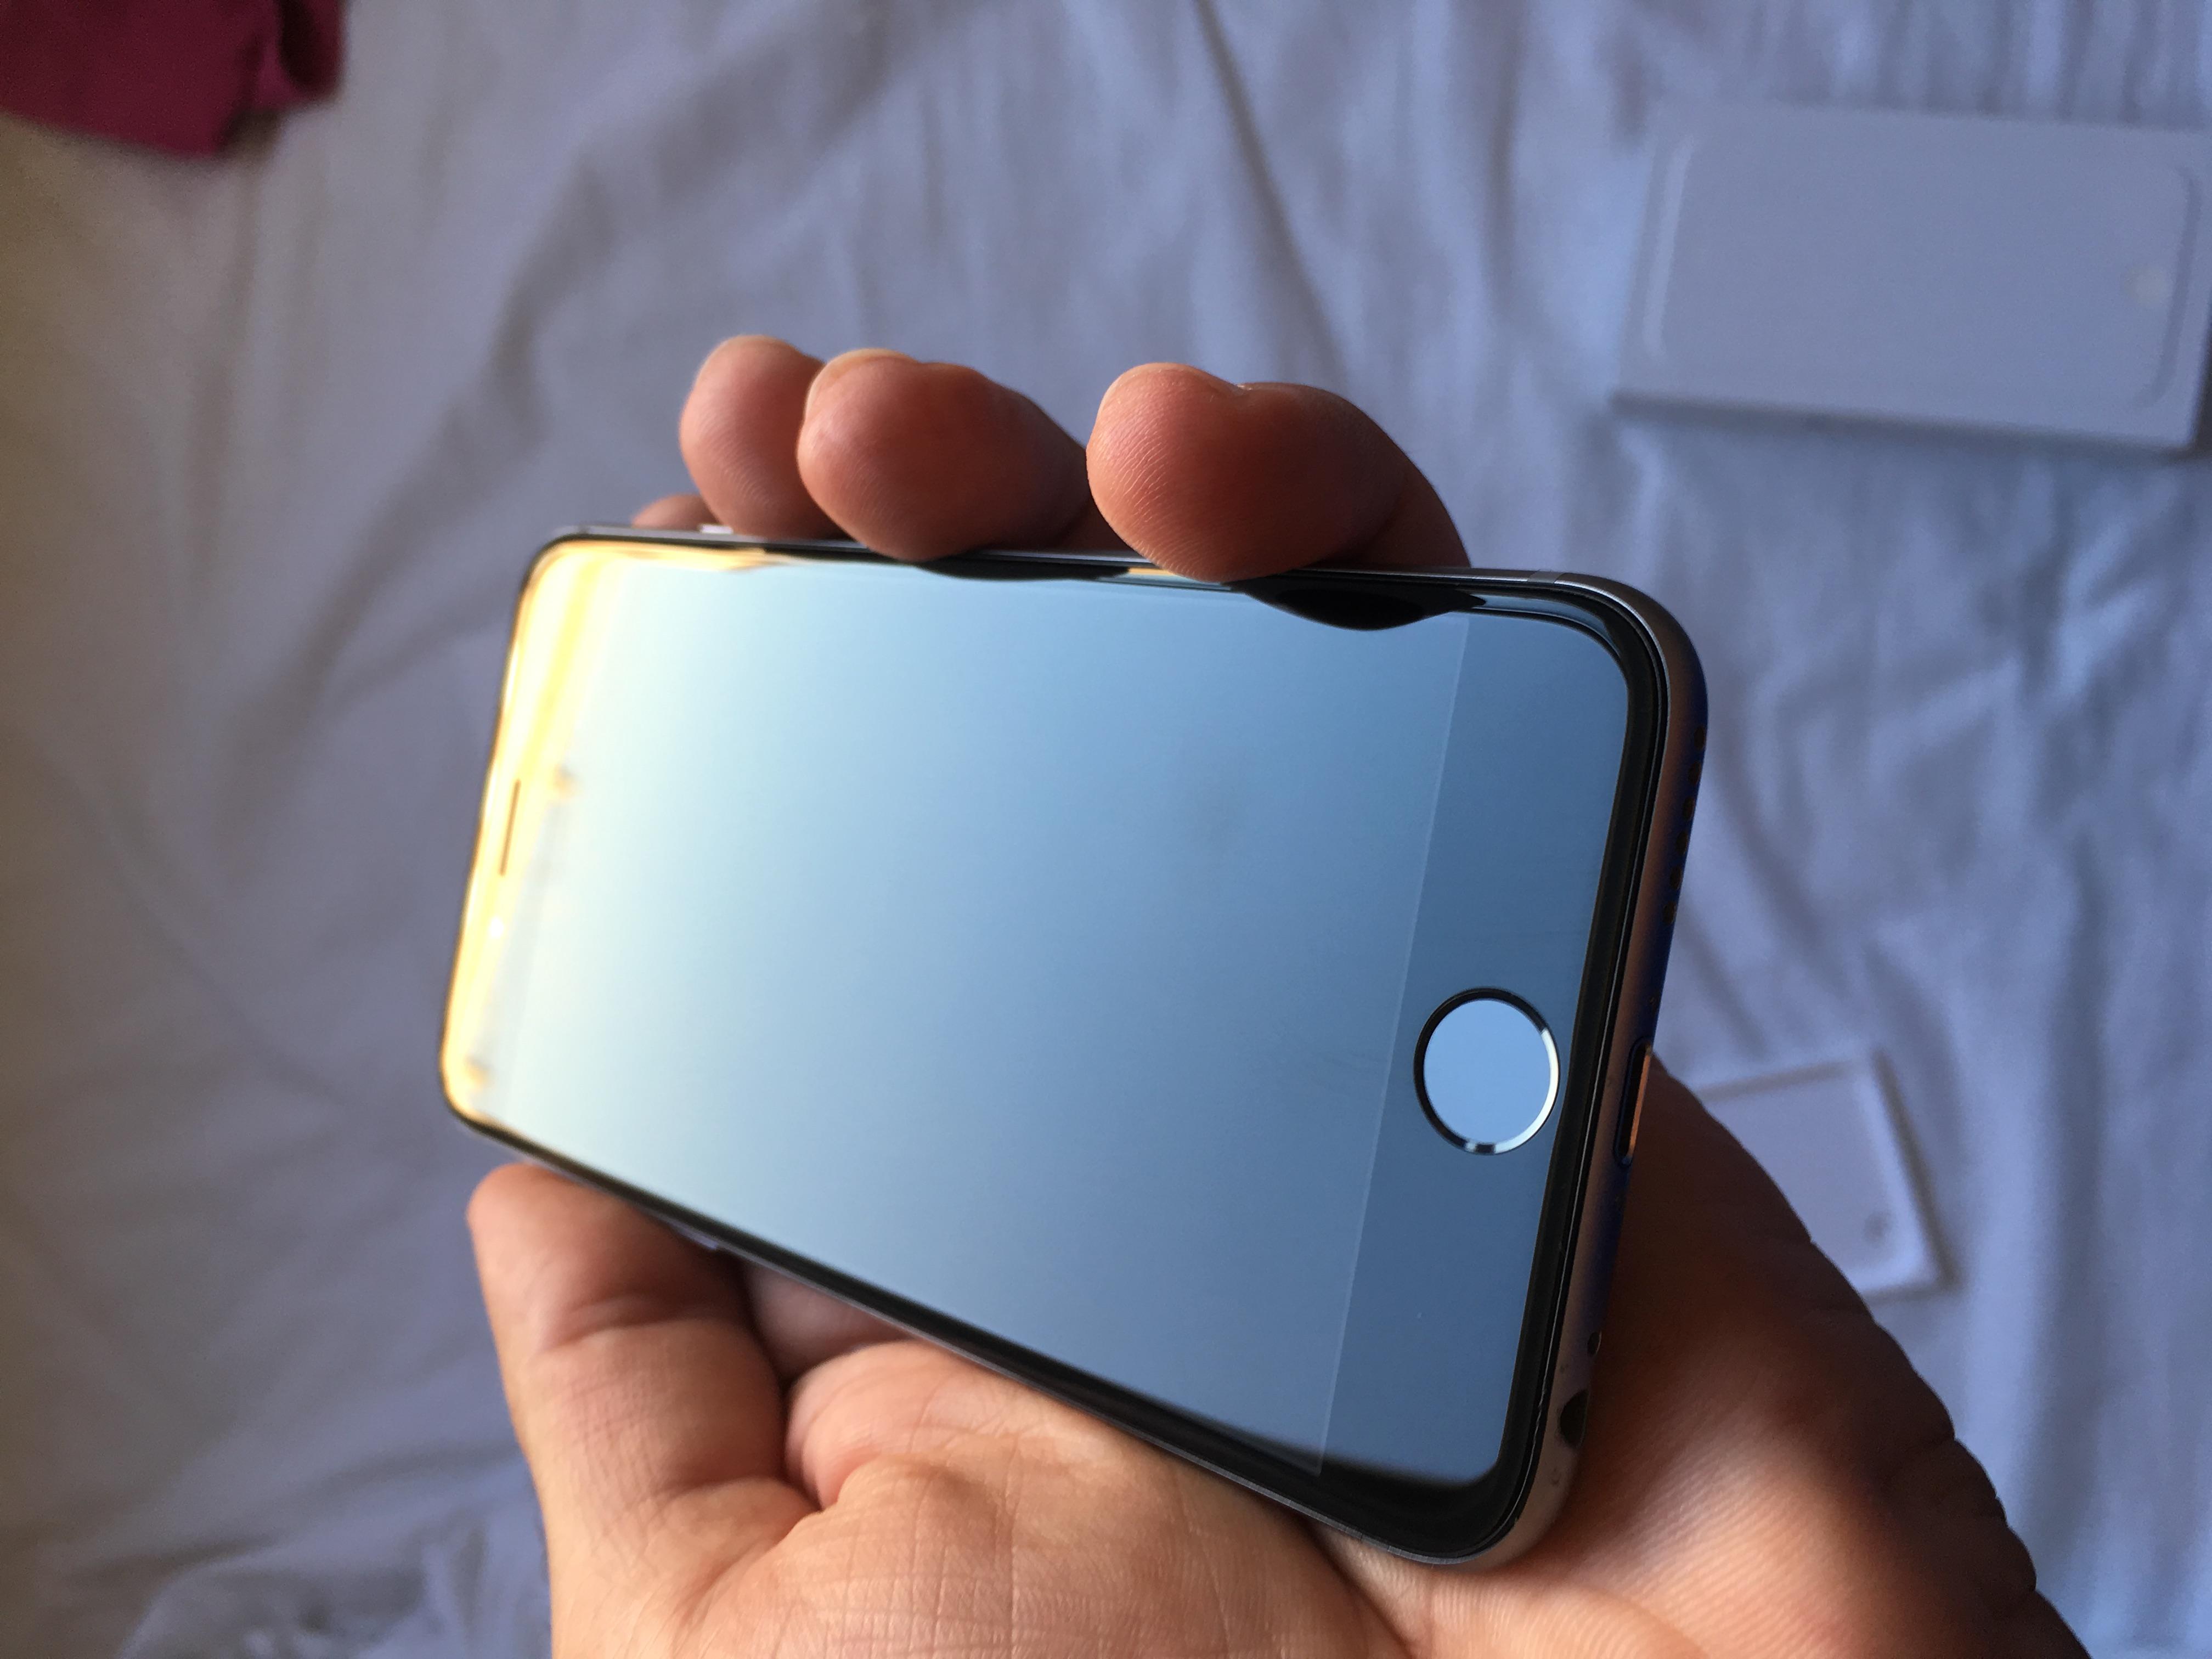 7a031befead venta iphone 6 64 gb libre fabrica | venta segunda mano apple